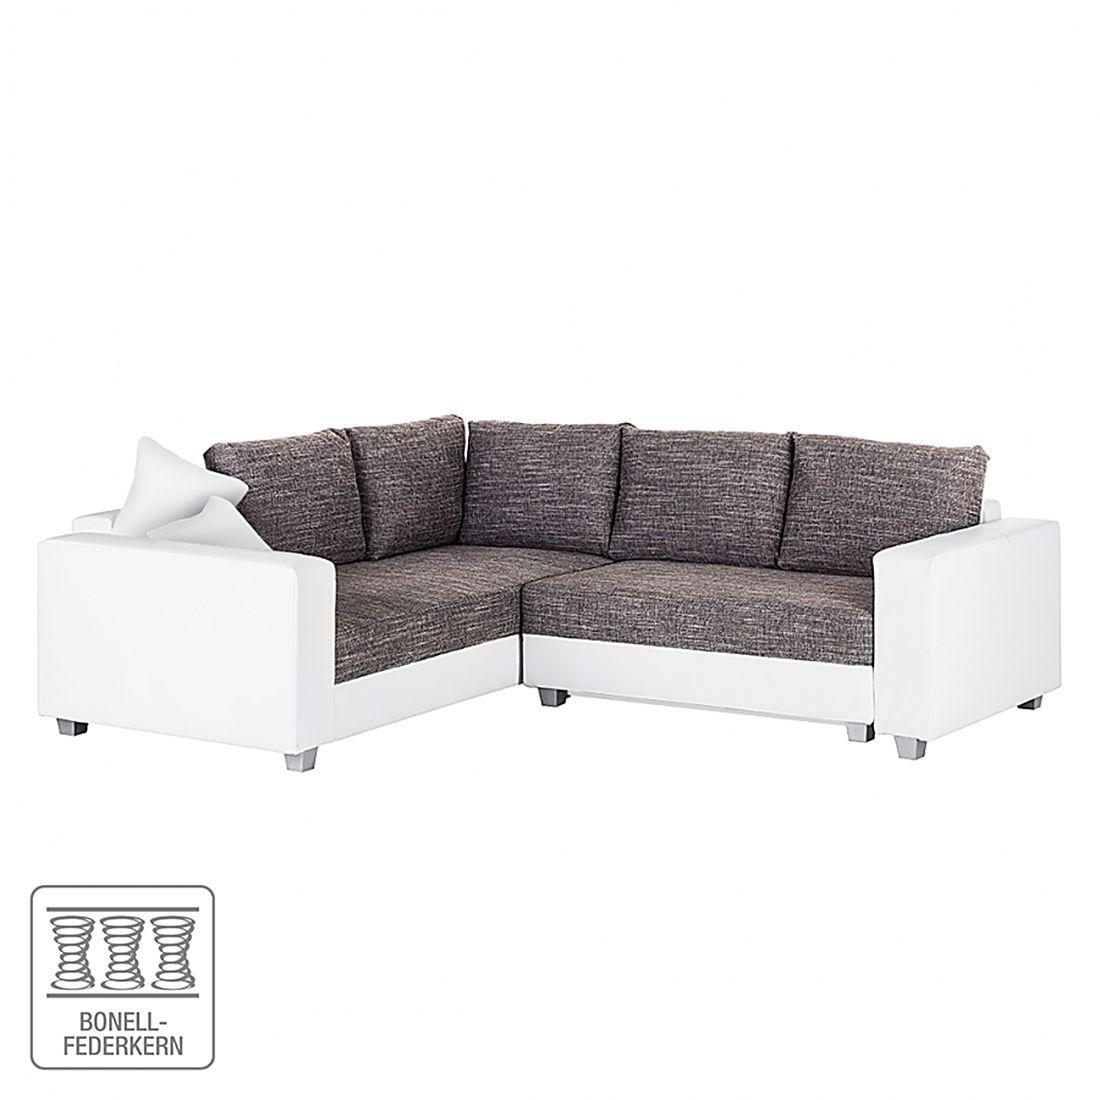 Astounding Ecksofa Weiß Grau Sammlung Von Dublin I (mit Schlaffunktion) Kunstleder/strukturstoff - Weiß